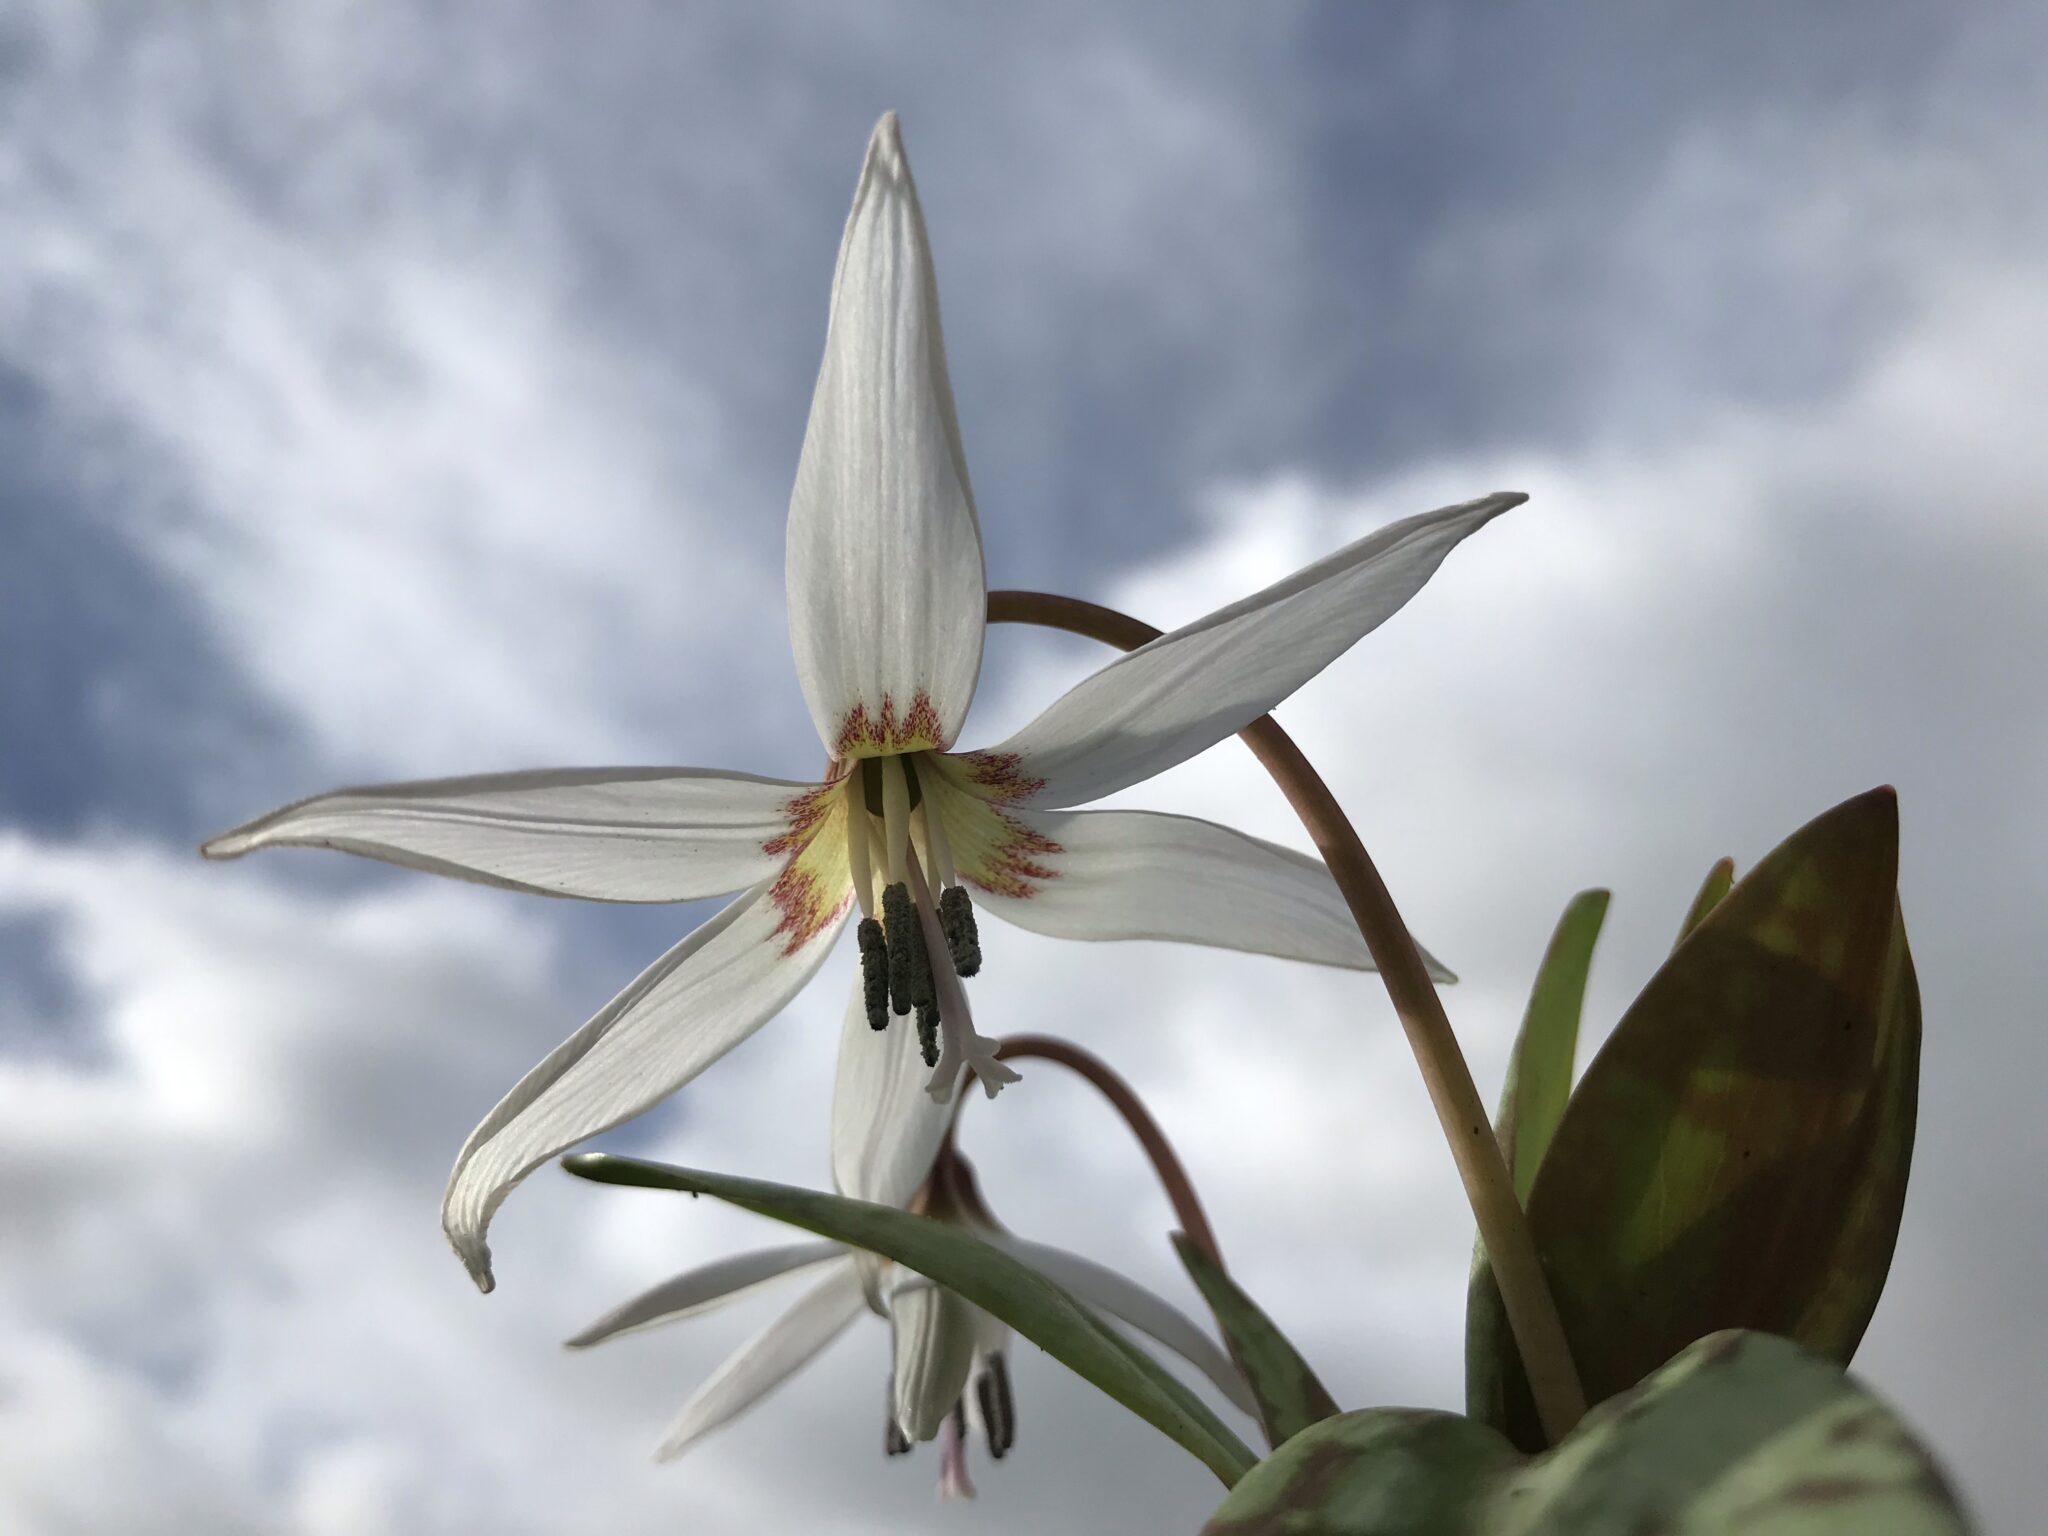 erythronium_dens_canis_white_splendour_morlas_plants